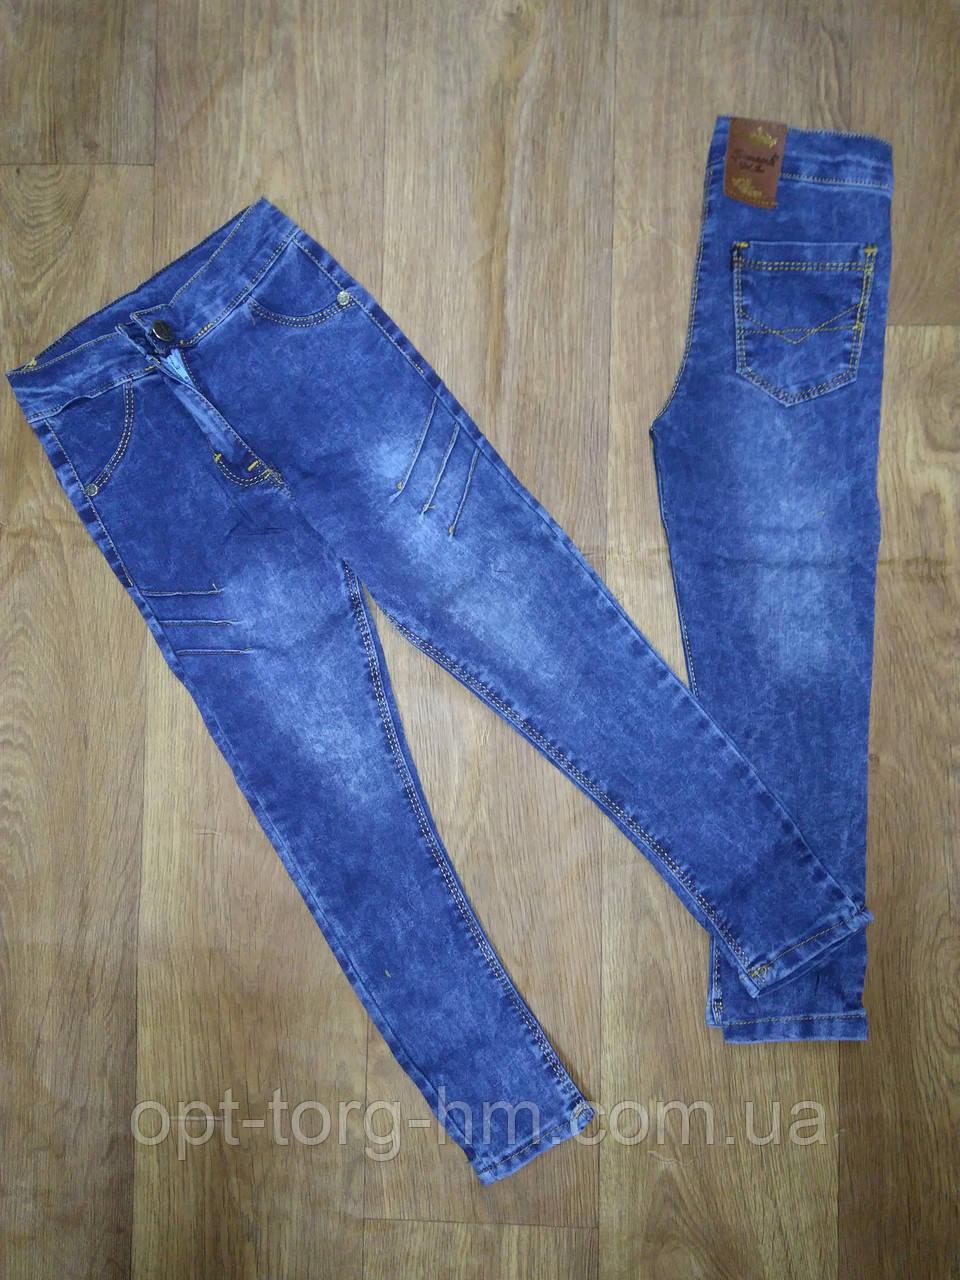 Лосины джинсовые 3-7 лет